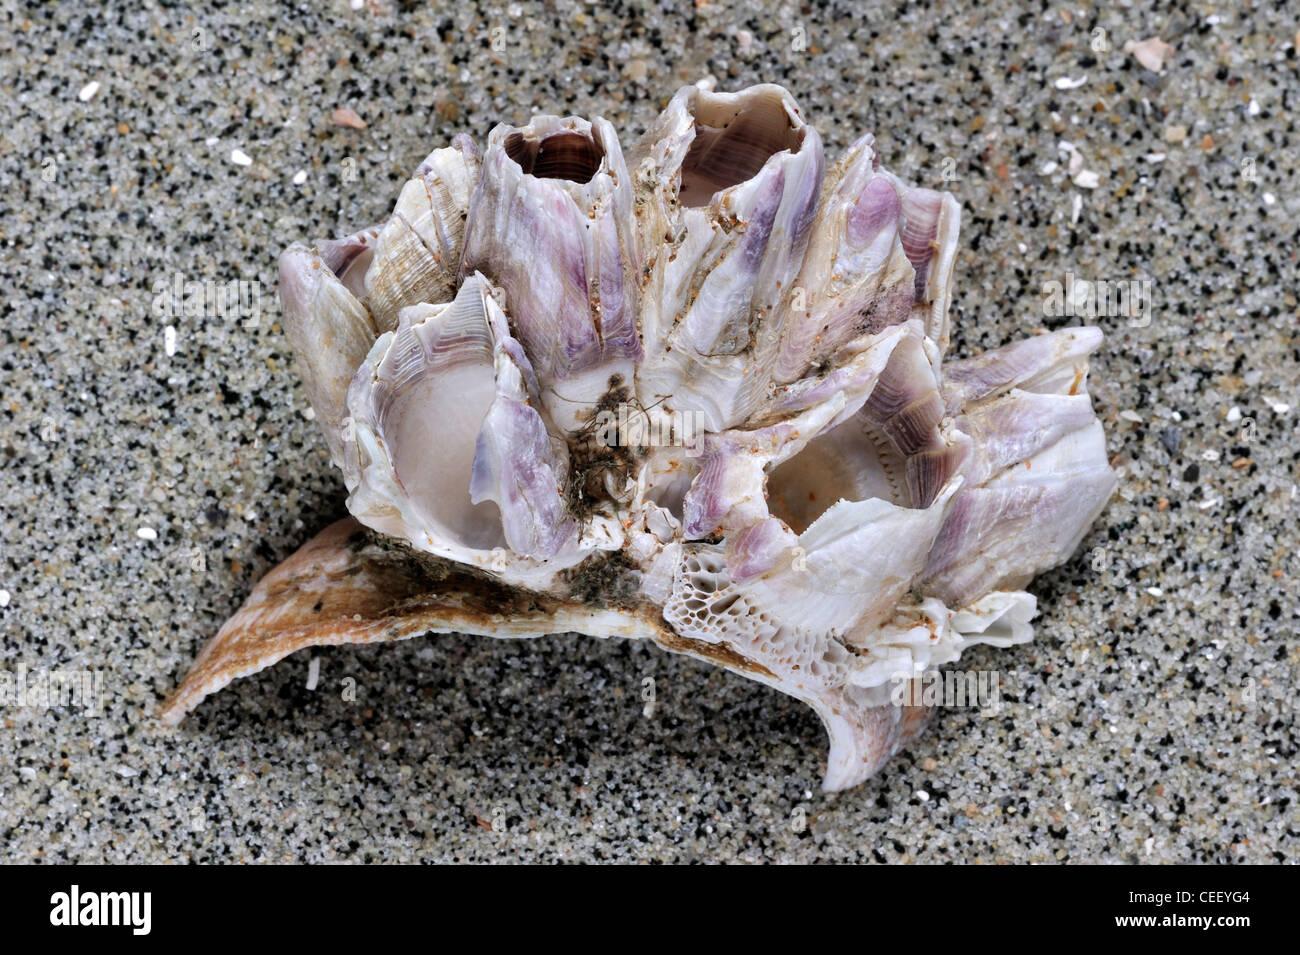 American slipper limpet (Crepidula fornicata) shell sur plage avec Acorn balanes (Megabalanus tintinnabulum) croissant sur elle Banque D'Images